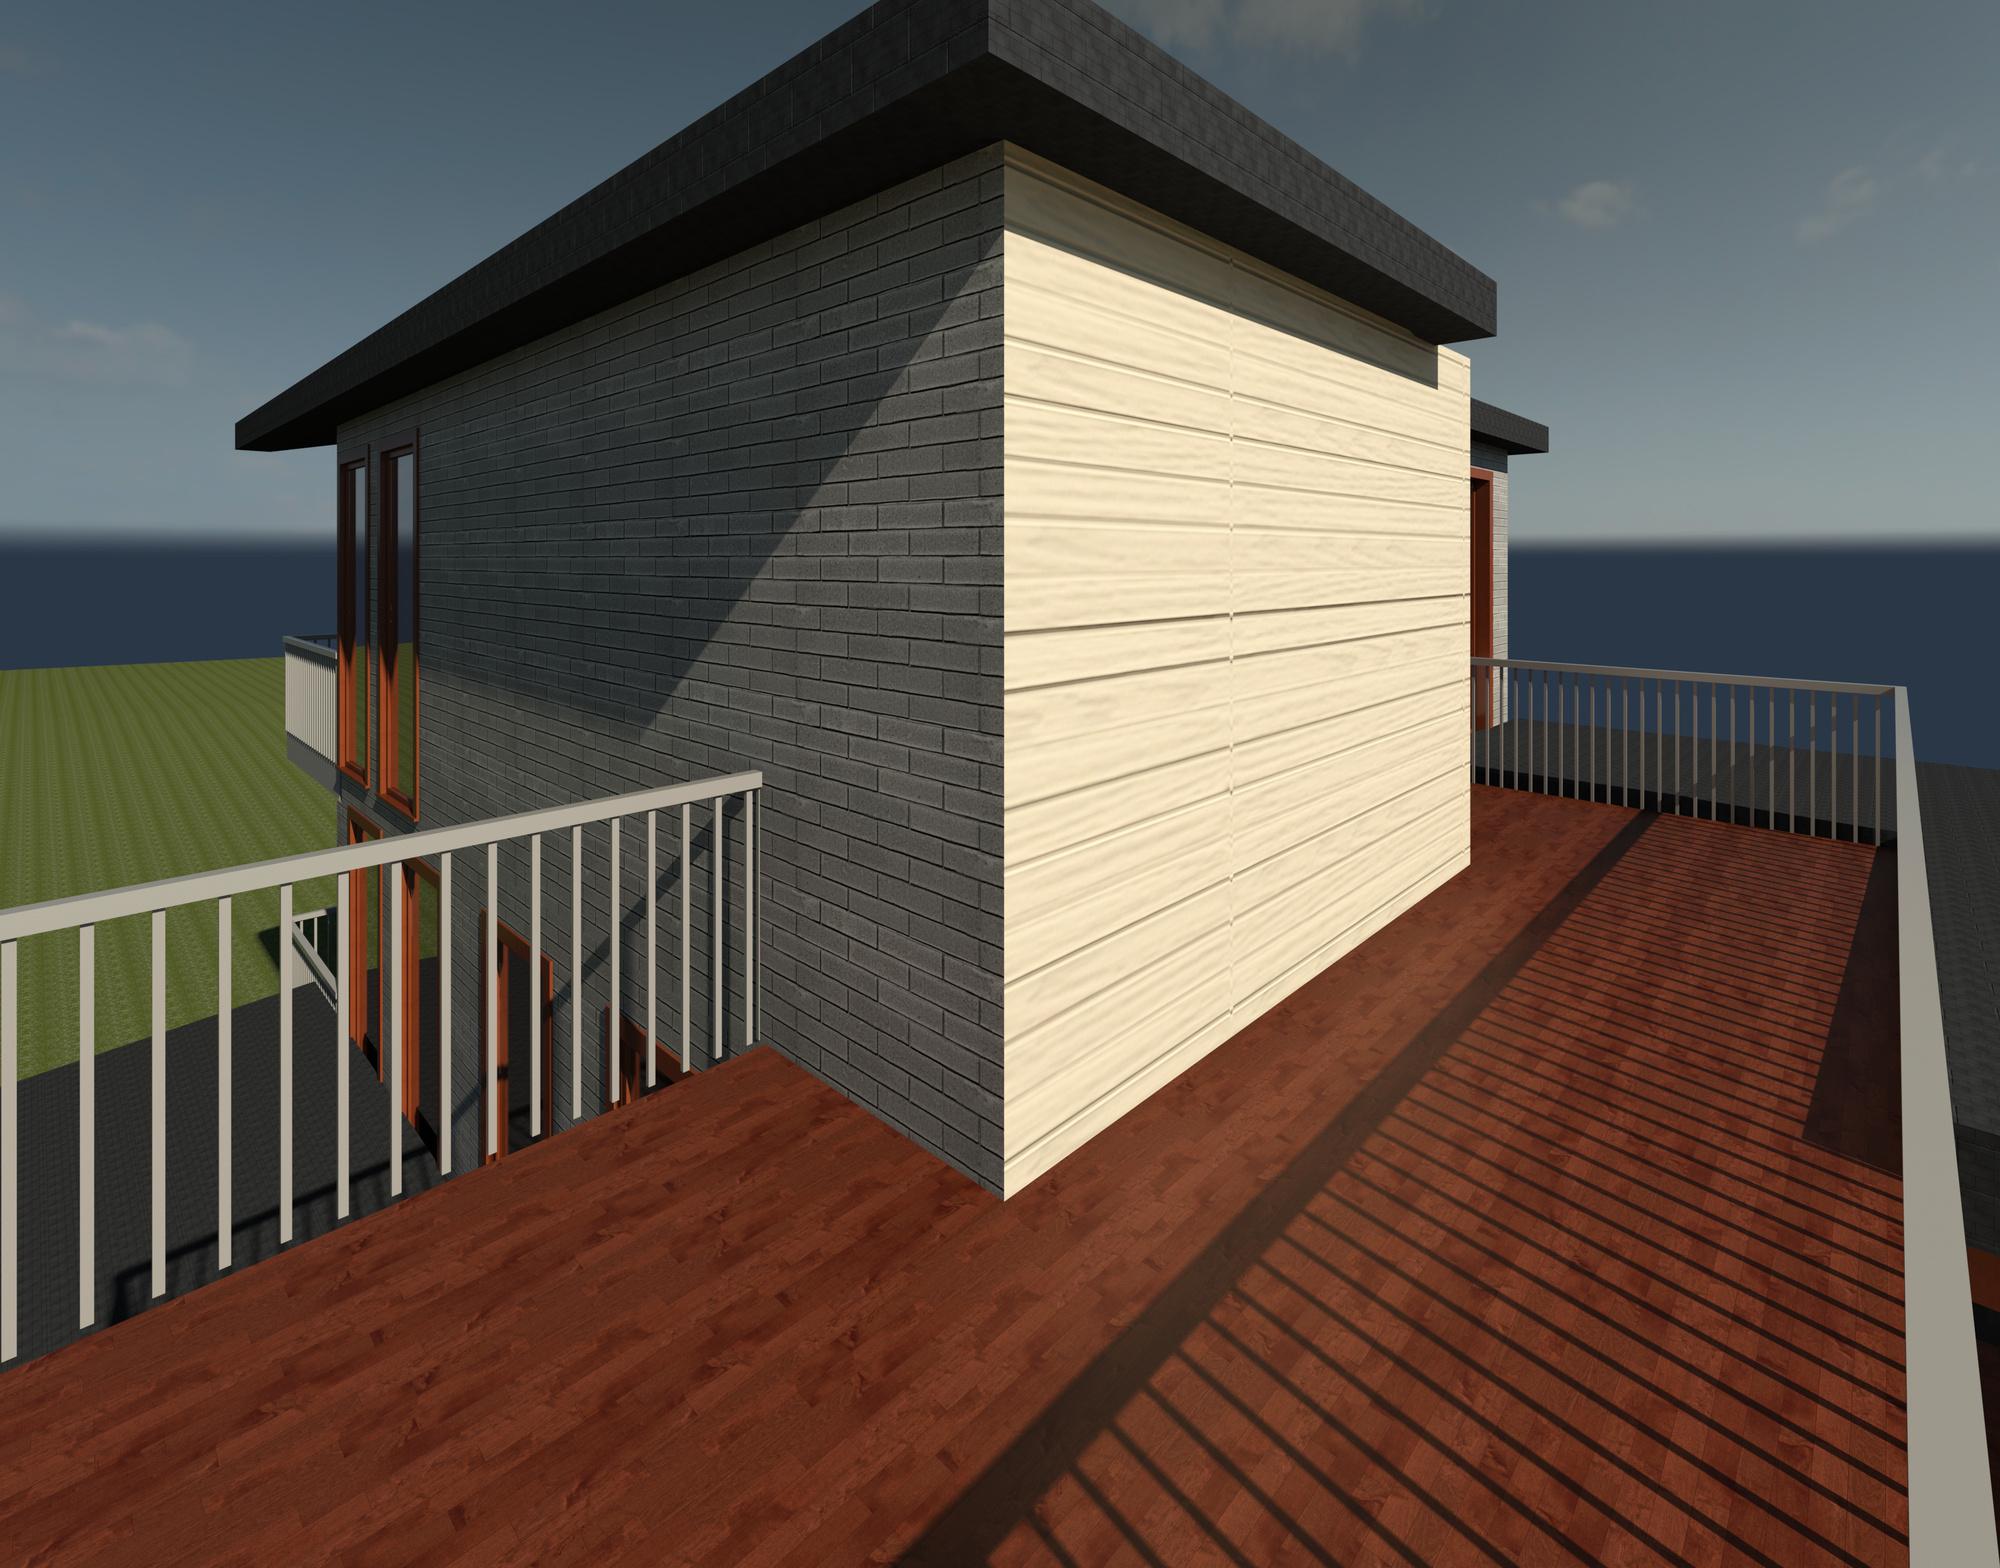 Raas-rendering20150520-358-je834b